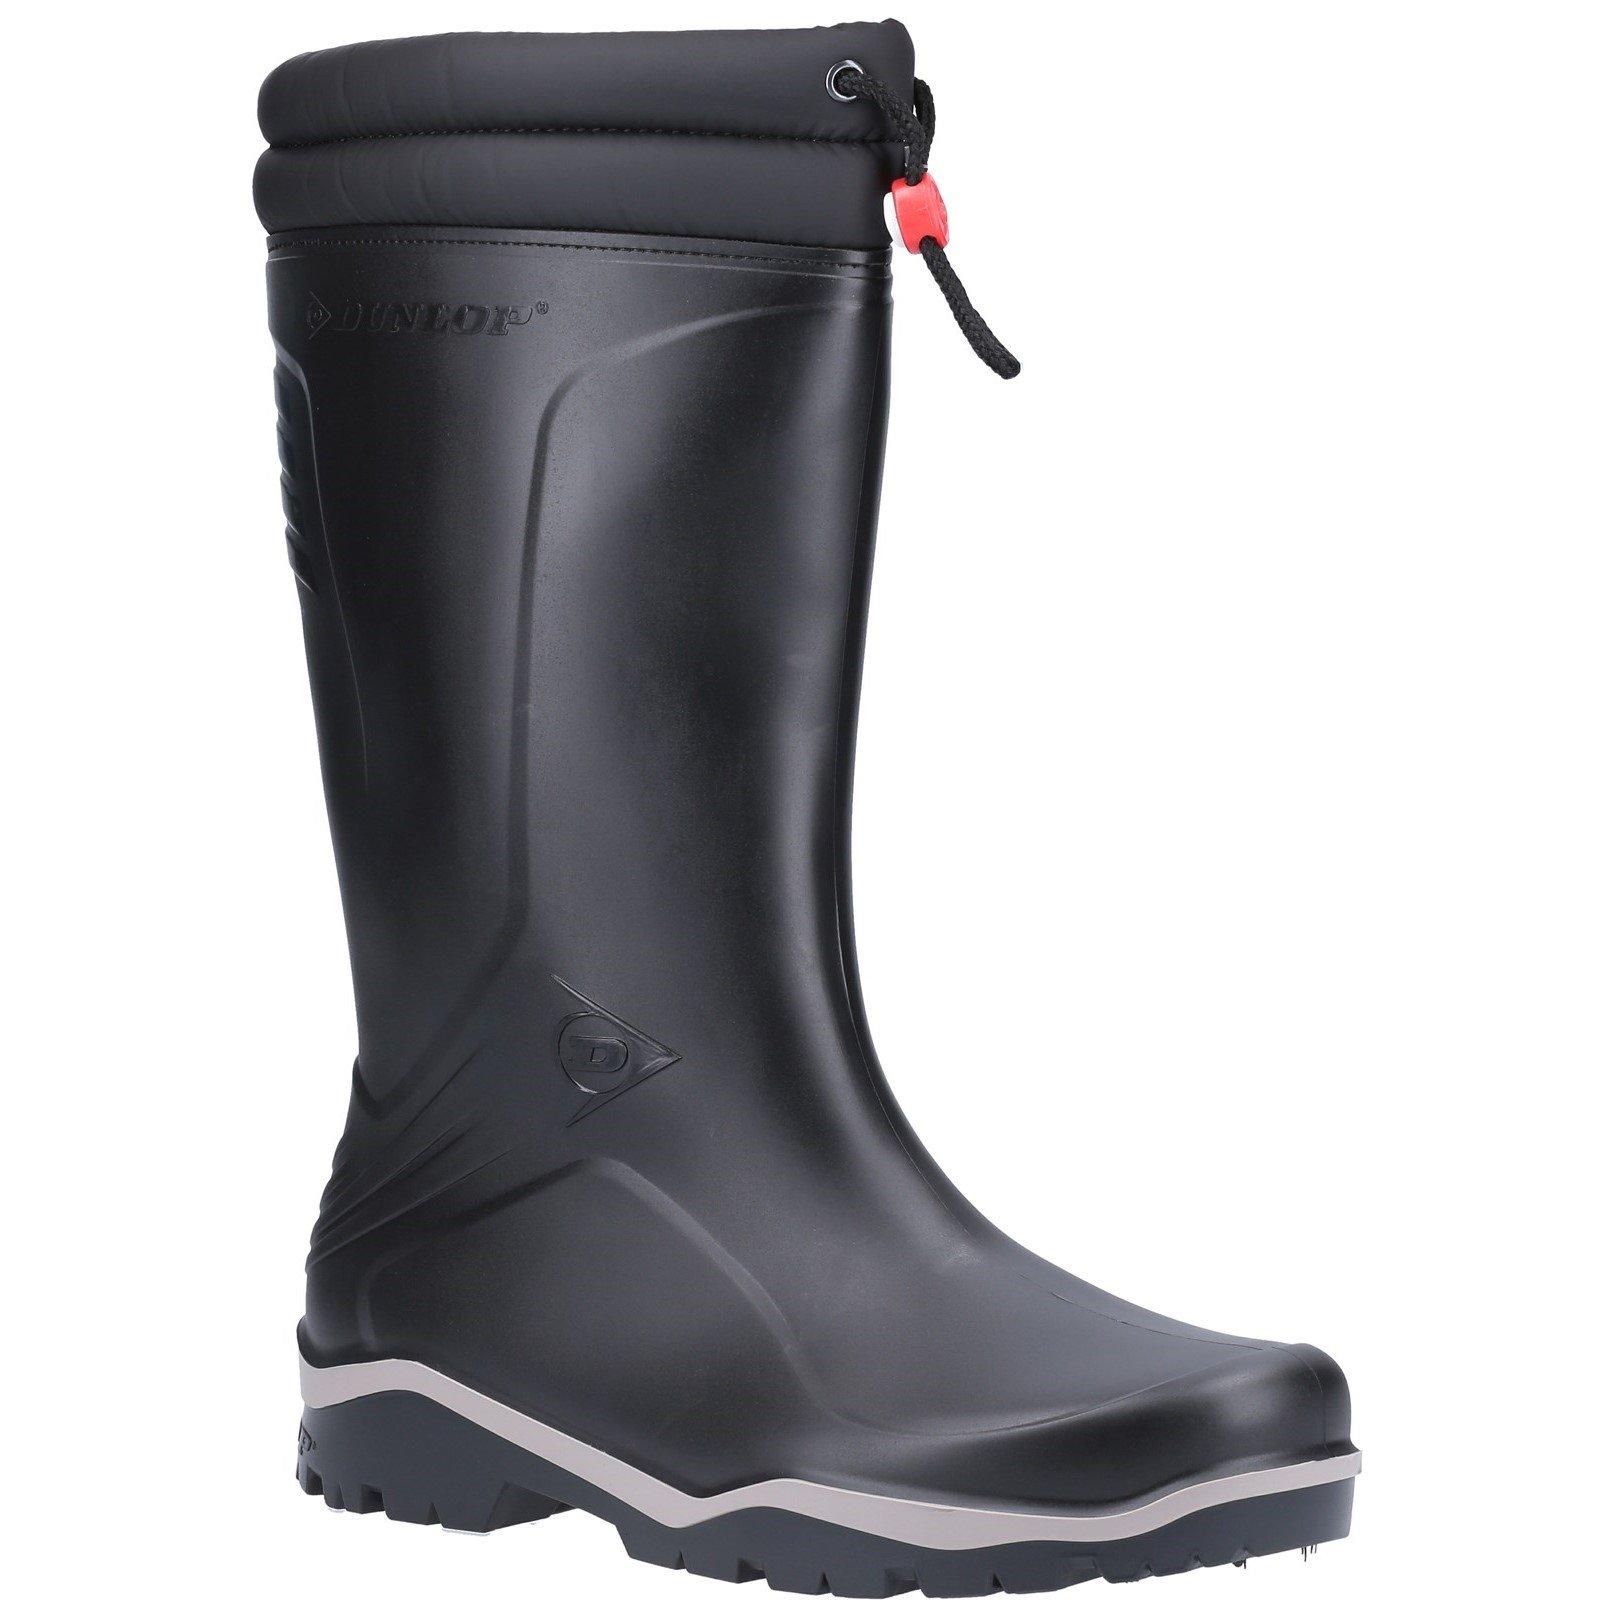 Dunlop Unisex Blizzard Plain Rubber Wellington Boot Black 22773 - Black 5